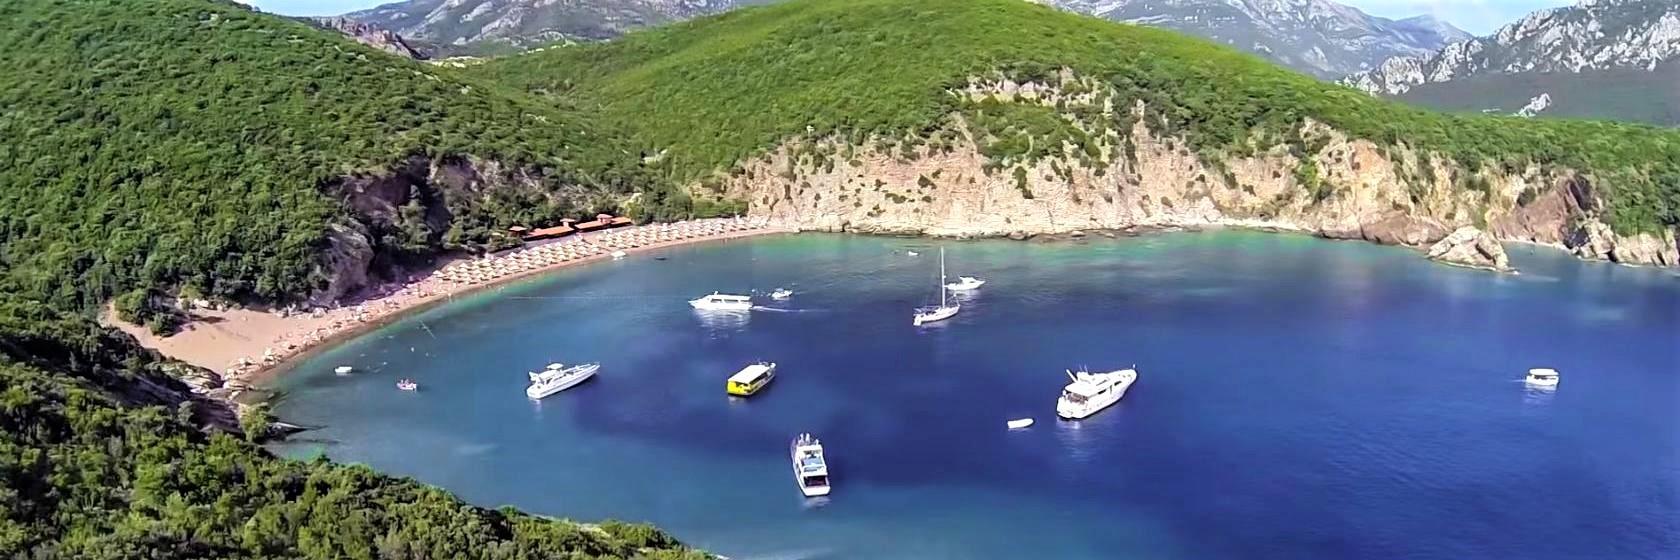 IHG Hotels Set to Open Their First Luxury Resort in Montenegro